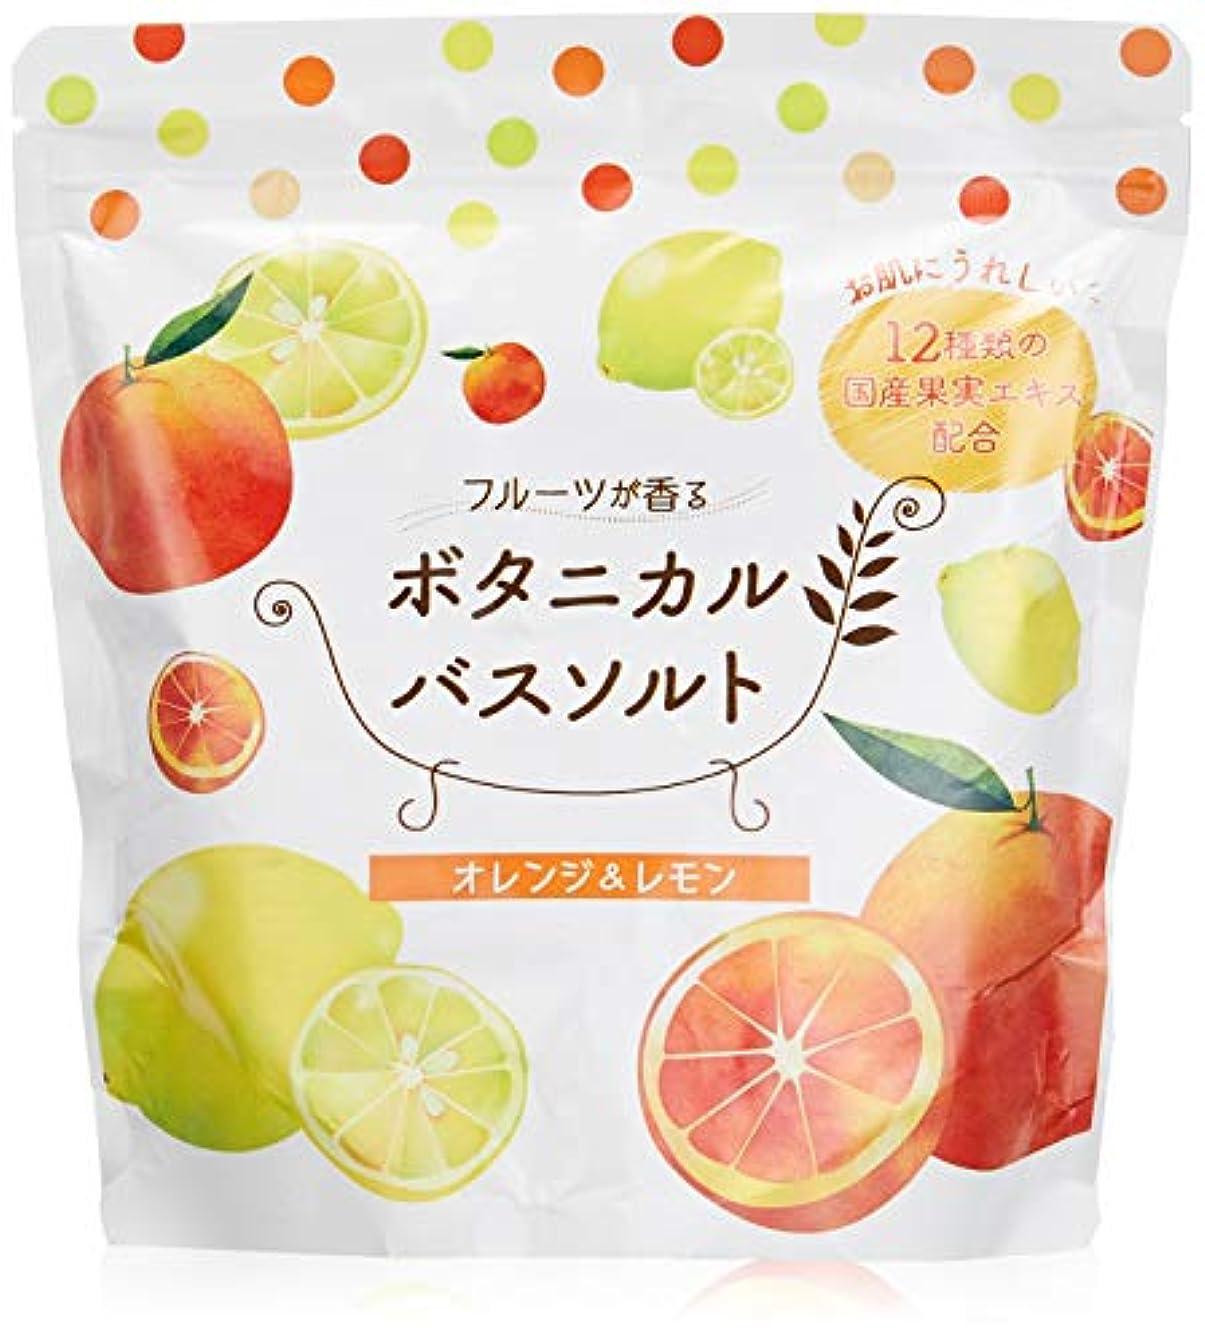 ピジンペチュランスベアリングサークル松田医薬品 フルーツが香るボタニカルバスソルト 入浴剤 オレンジ レモン 450g